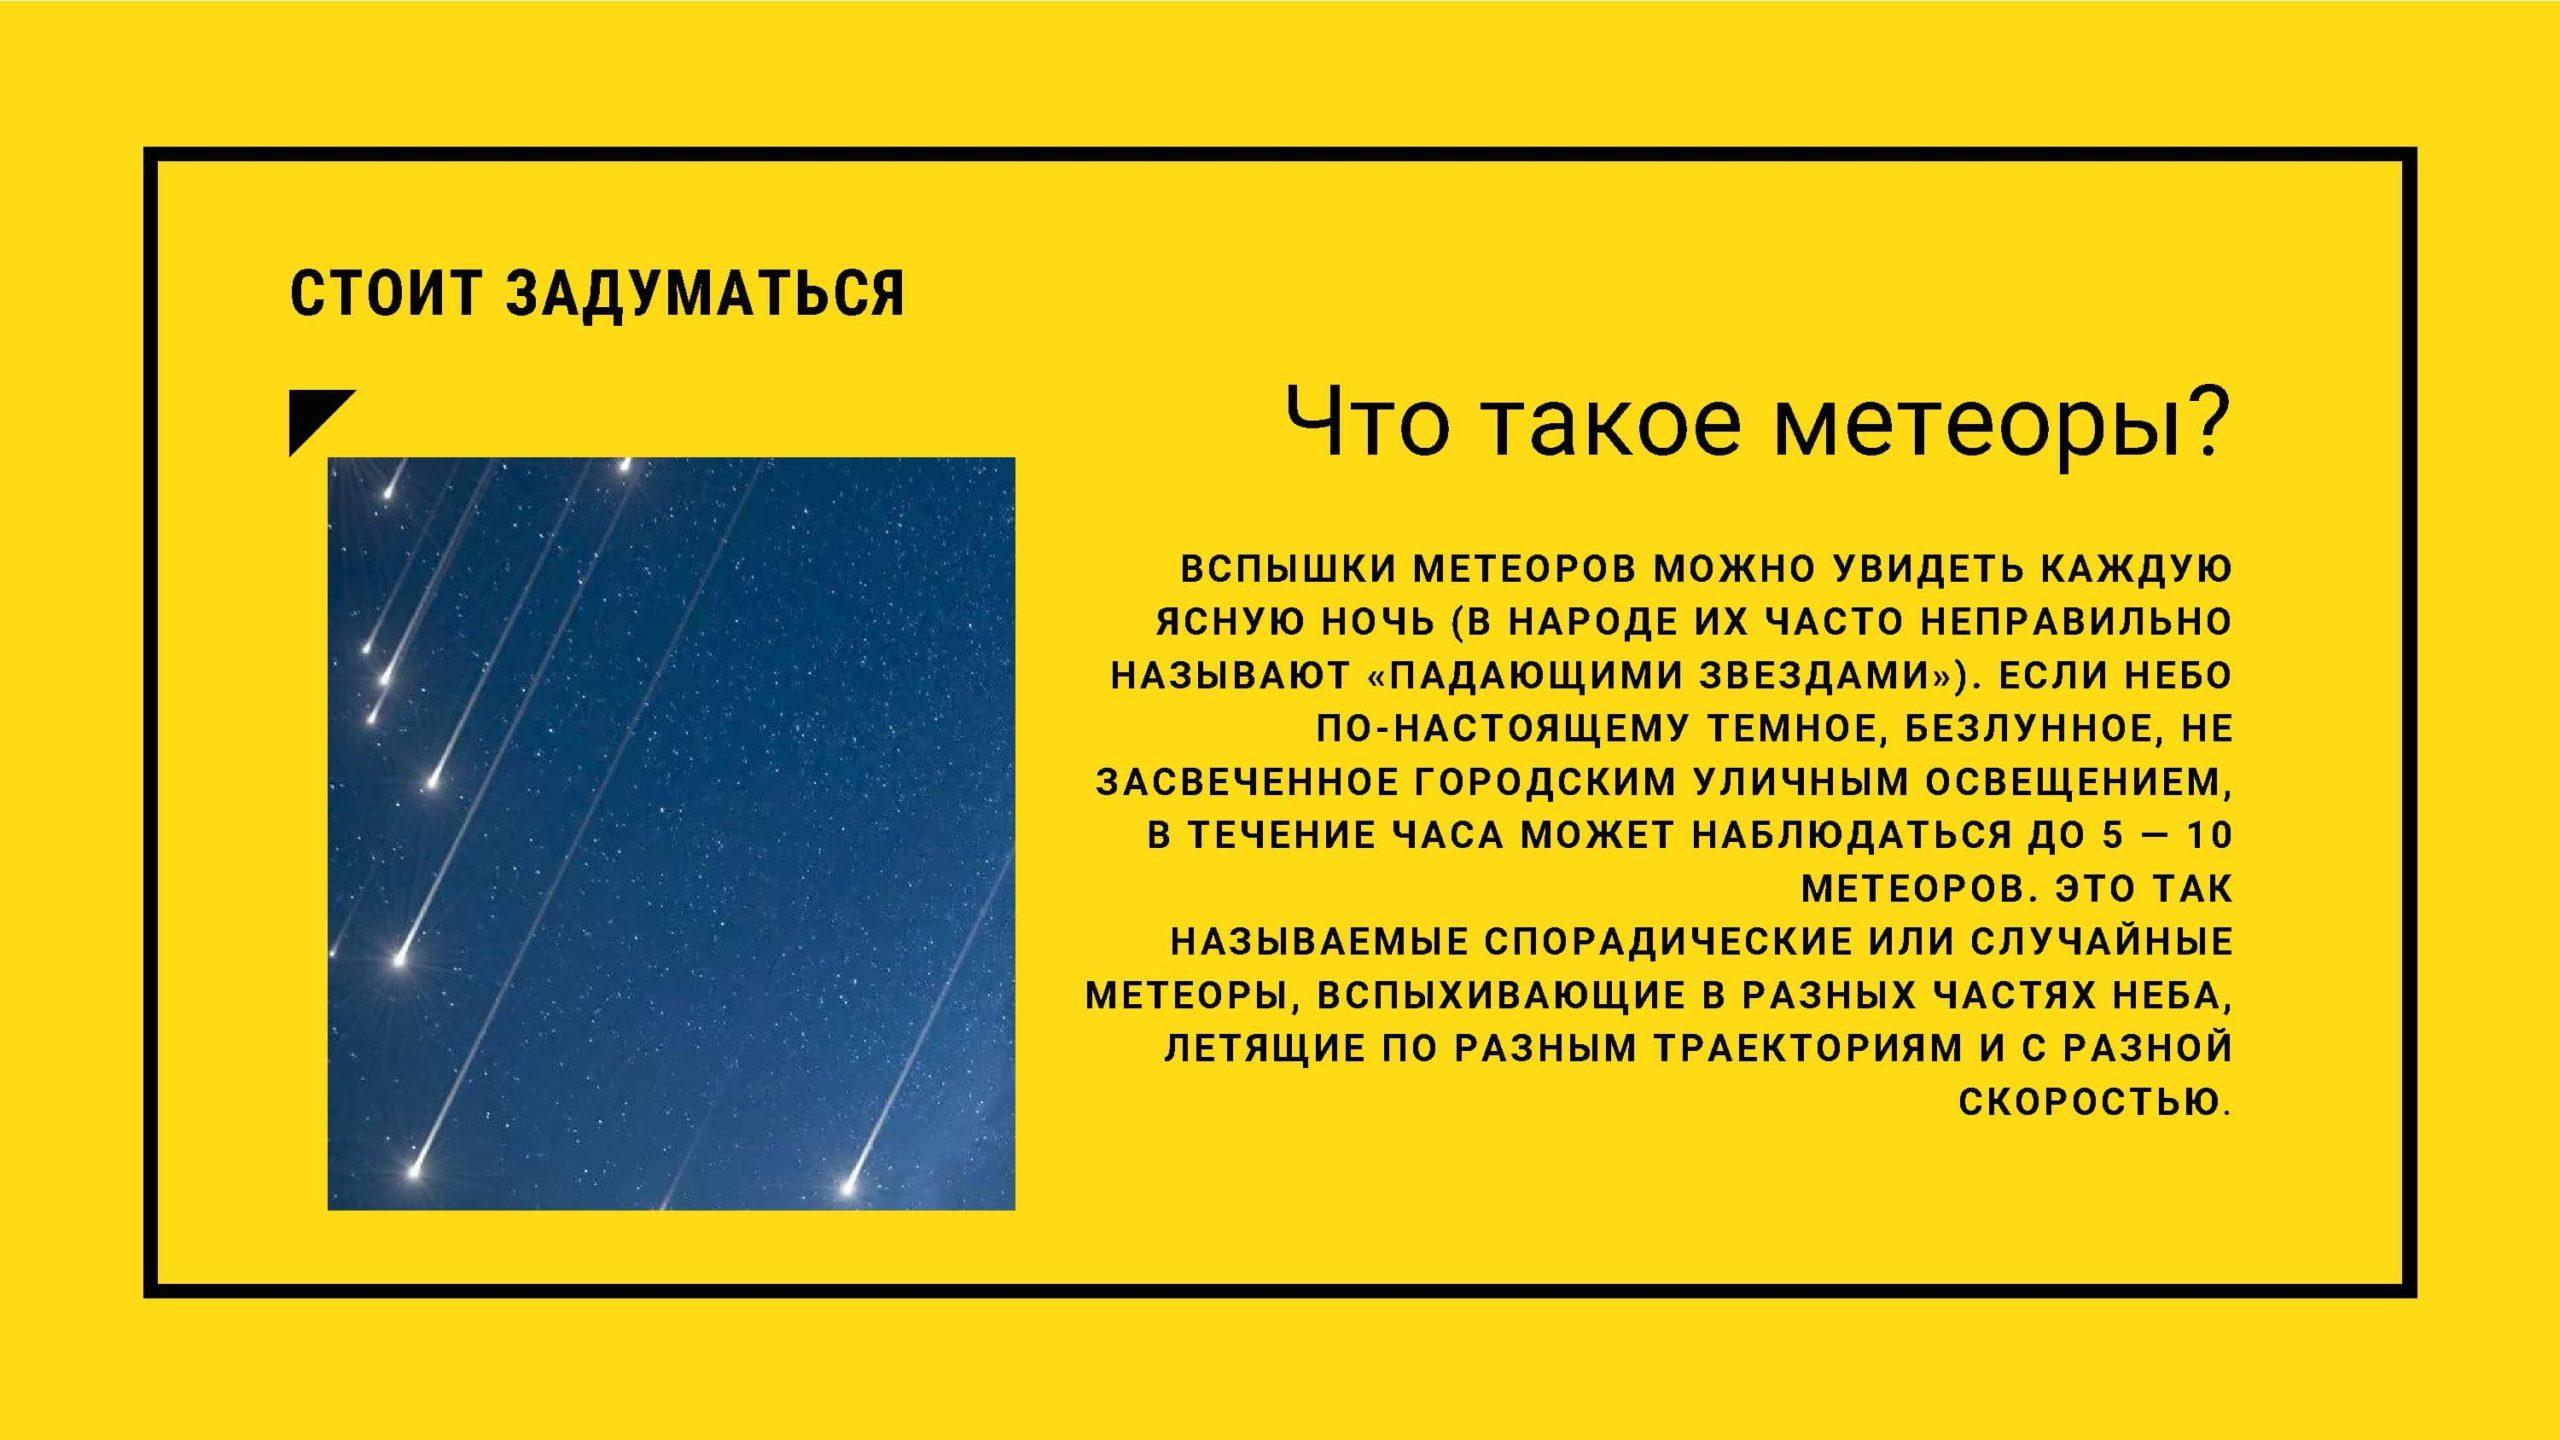 Что такое метеоры?